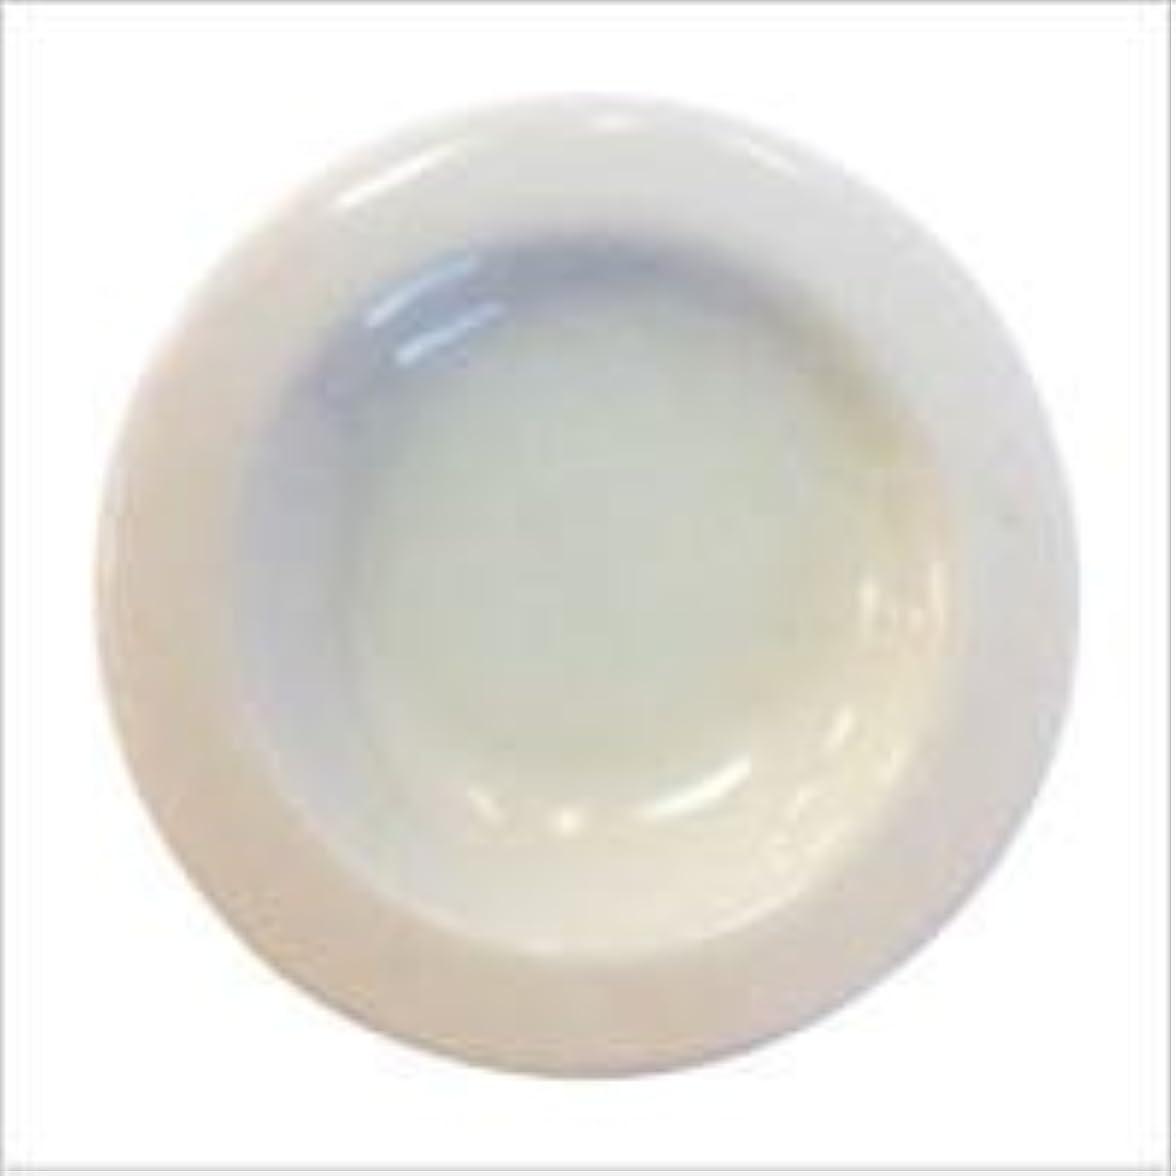 バン吐き出すフレキシブル生活の木 ミント用精油皿